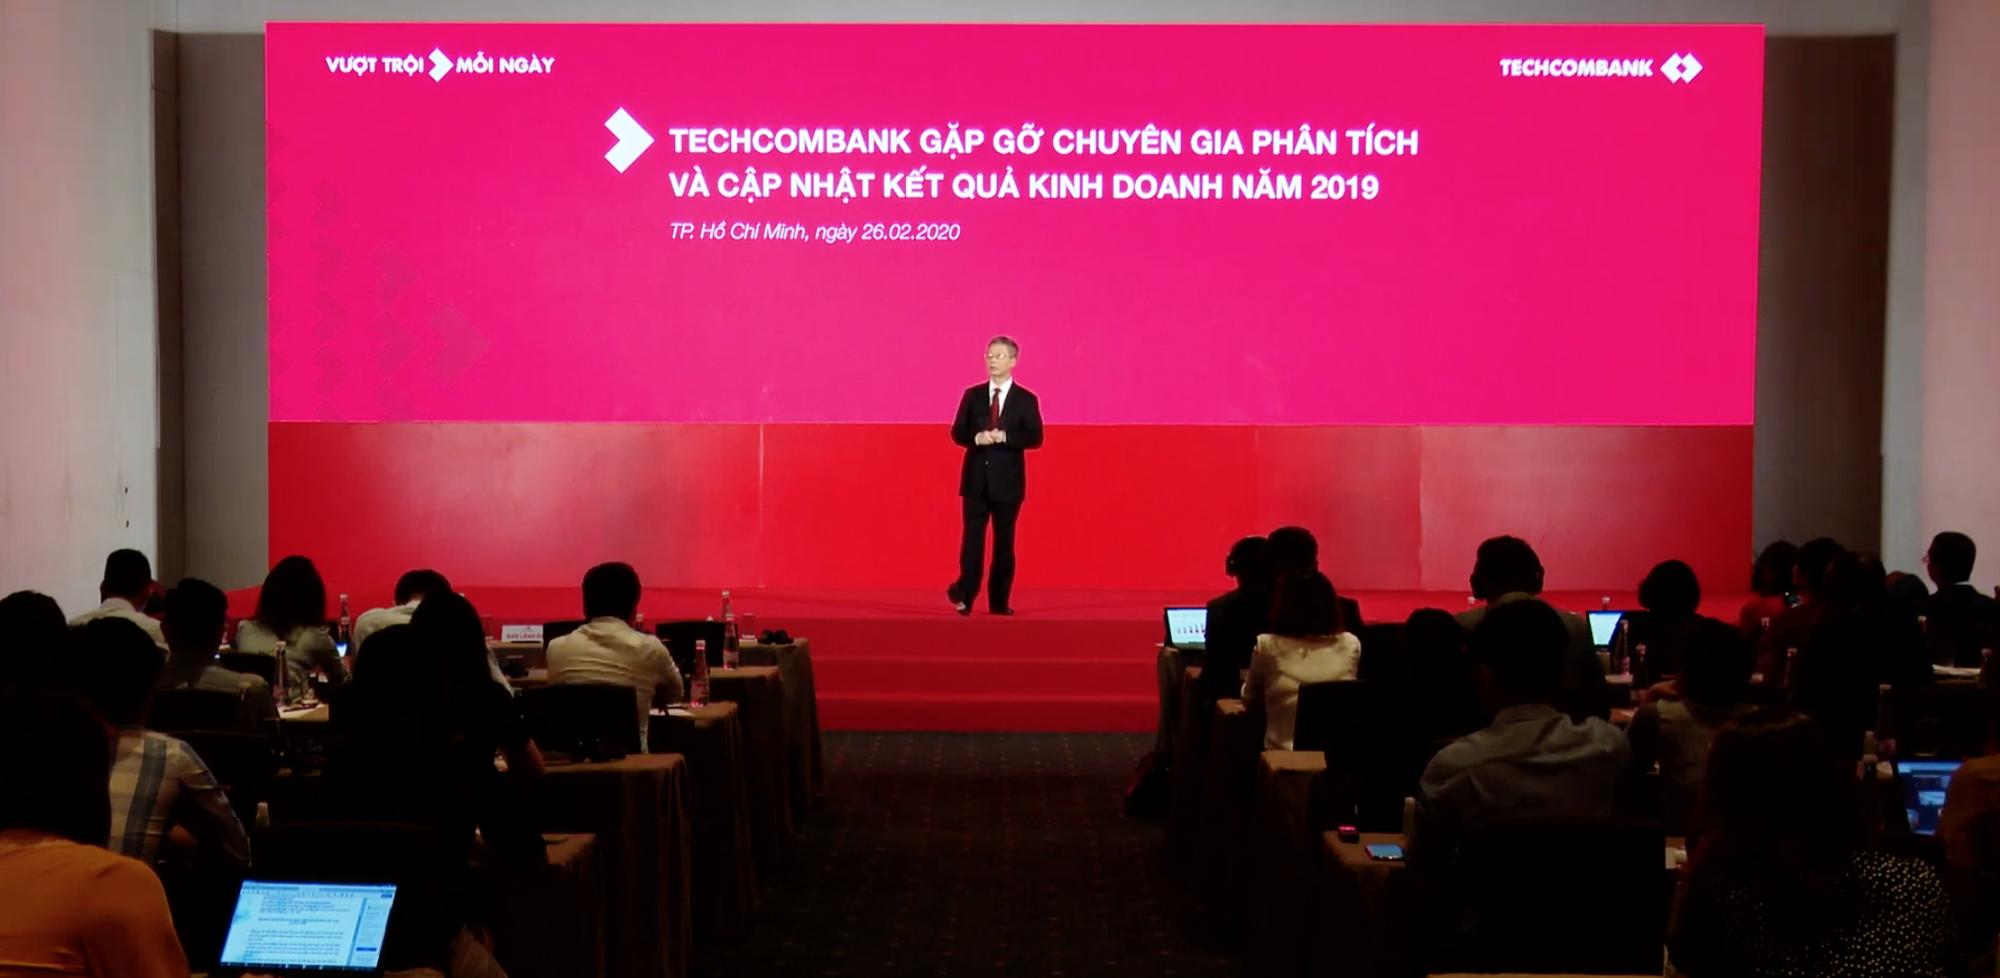 Ông Nguyễn Lê Quốc Anh rời Techcombank, chiến lược kinh doanh của ngân hàng vẫn được đảm bảo - Ảnh 2.